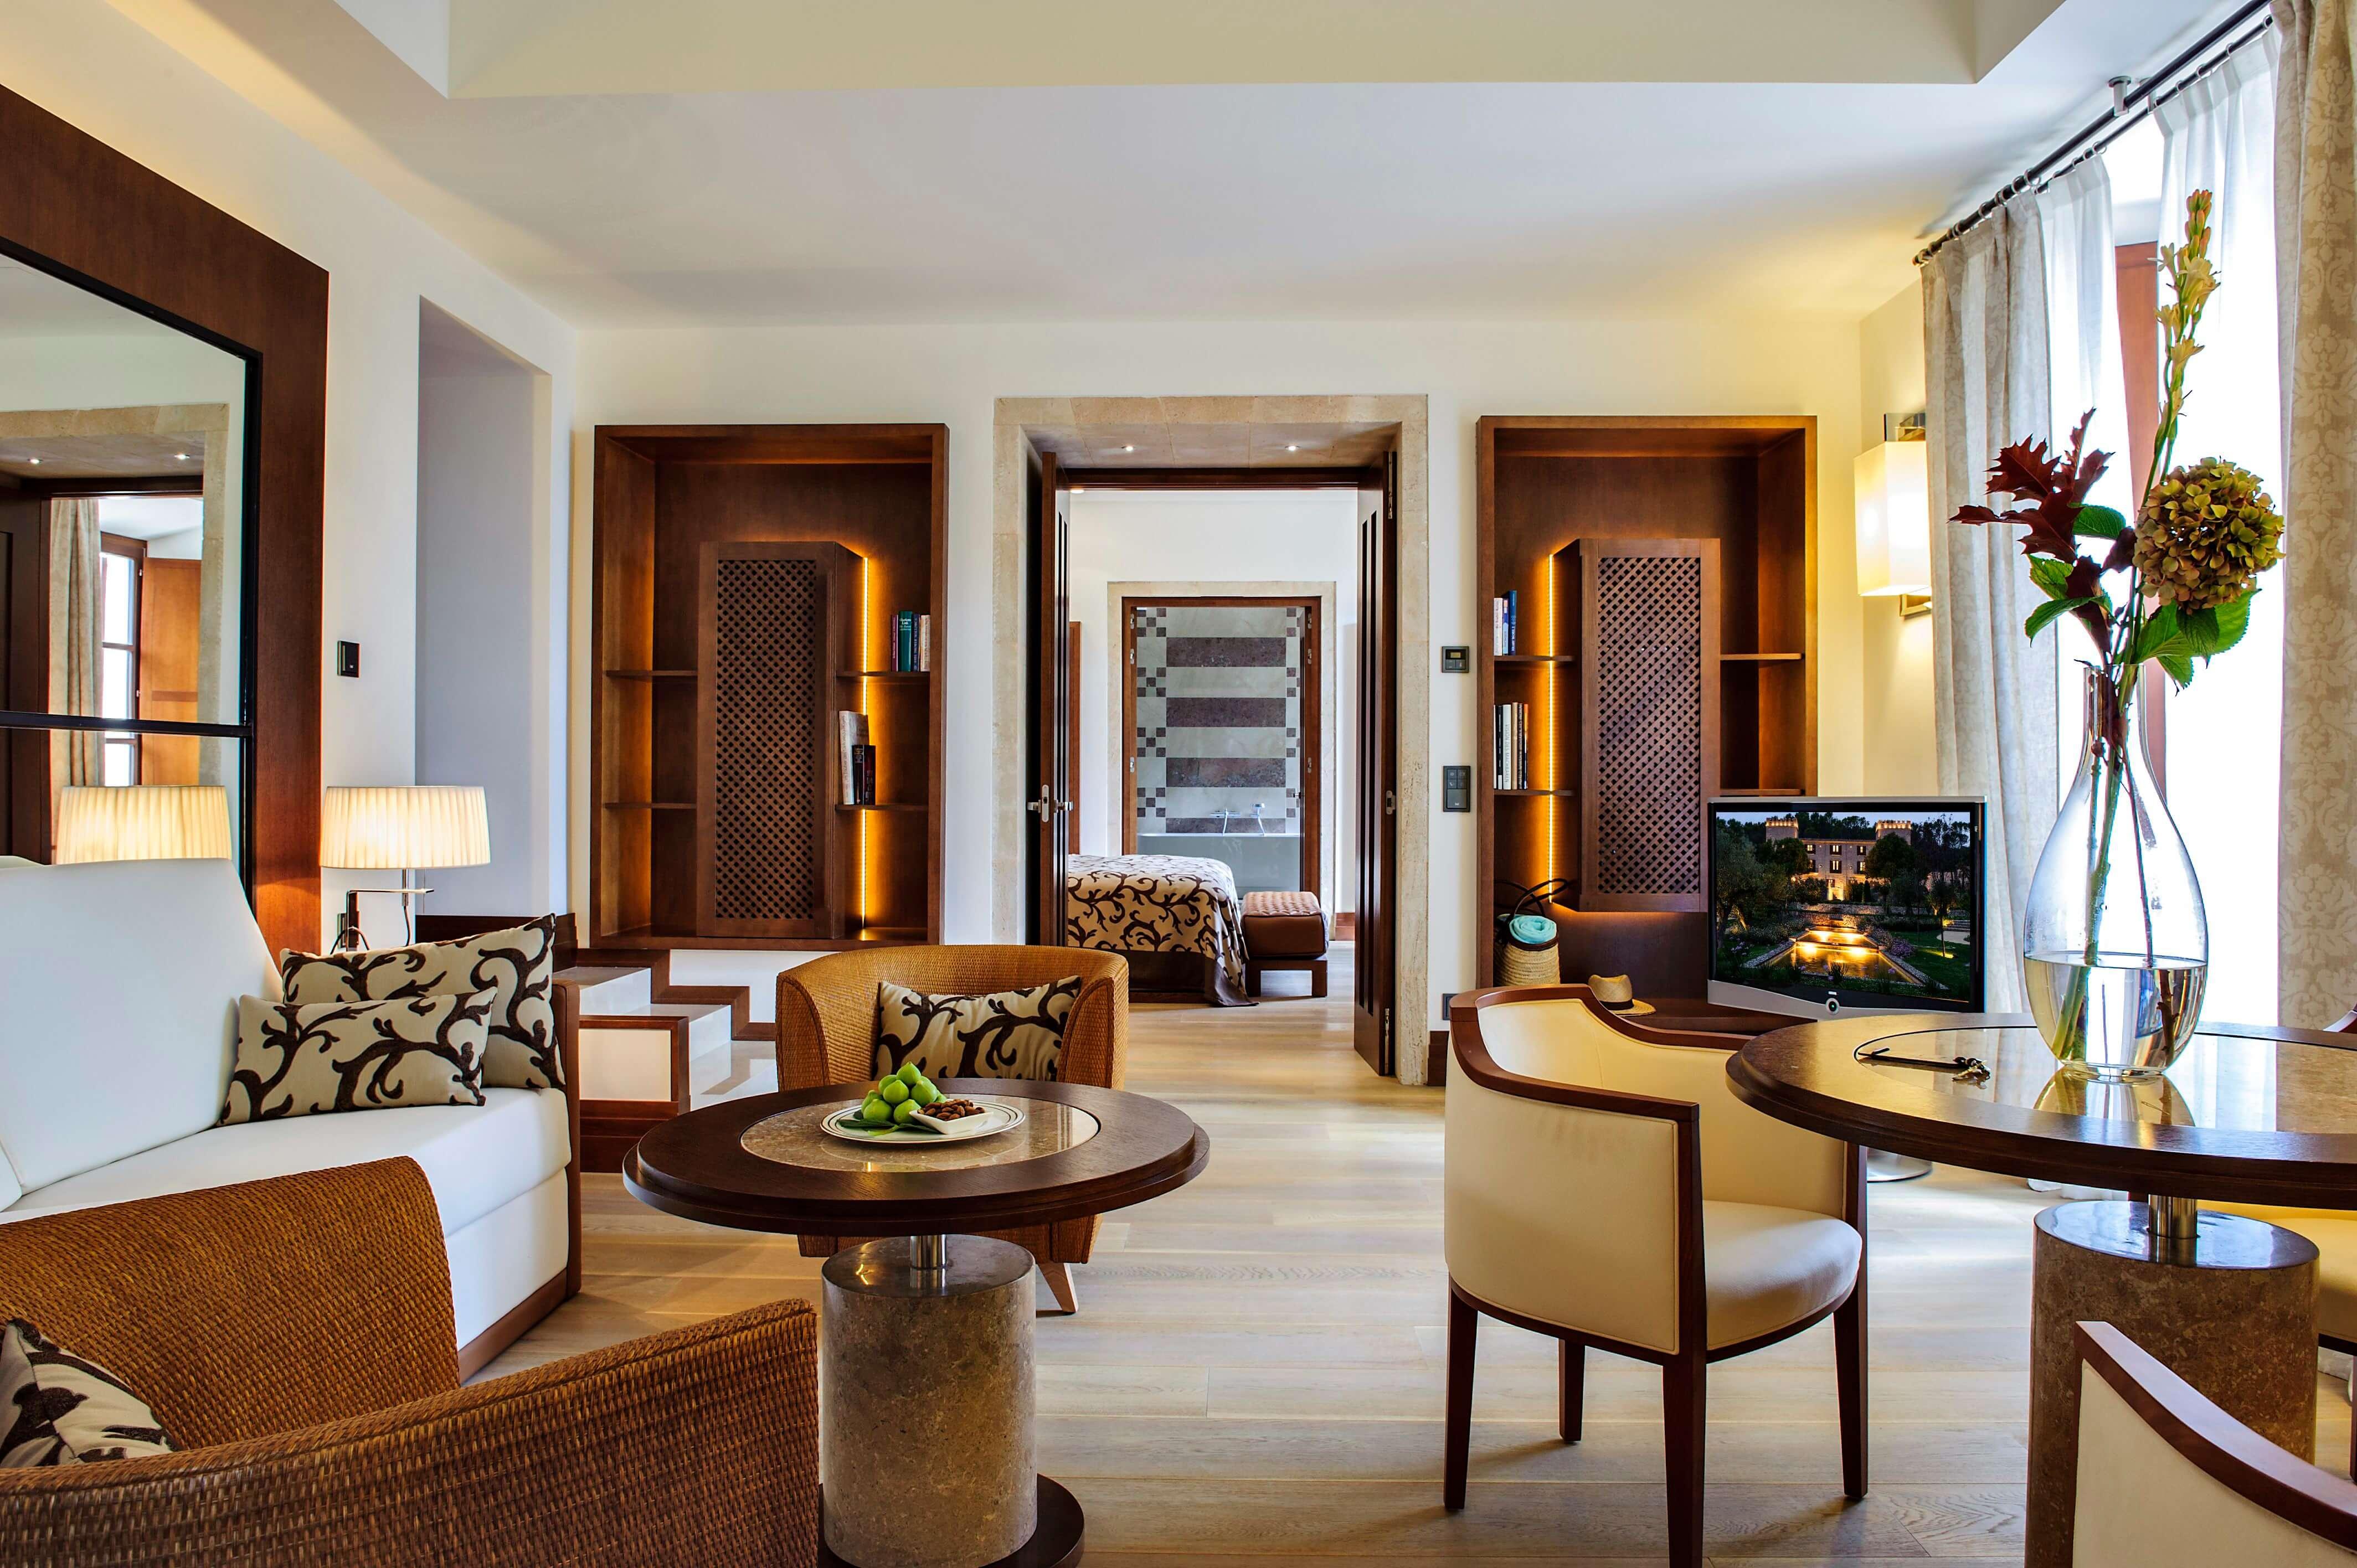 Suites y Habitaciones del Hotel de lujo en Mallorca, Castell Son Claret (18)